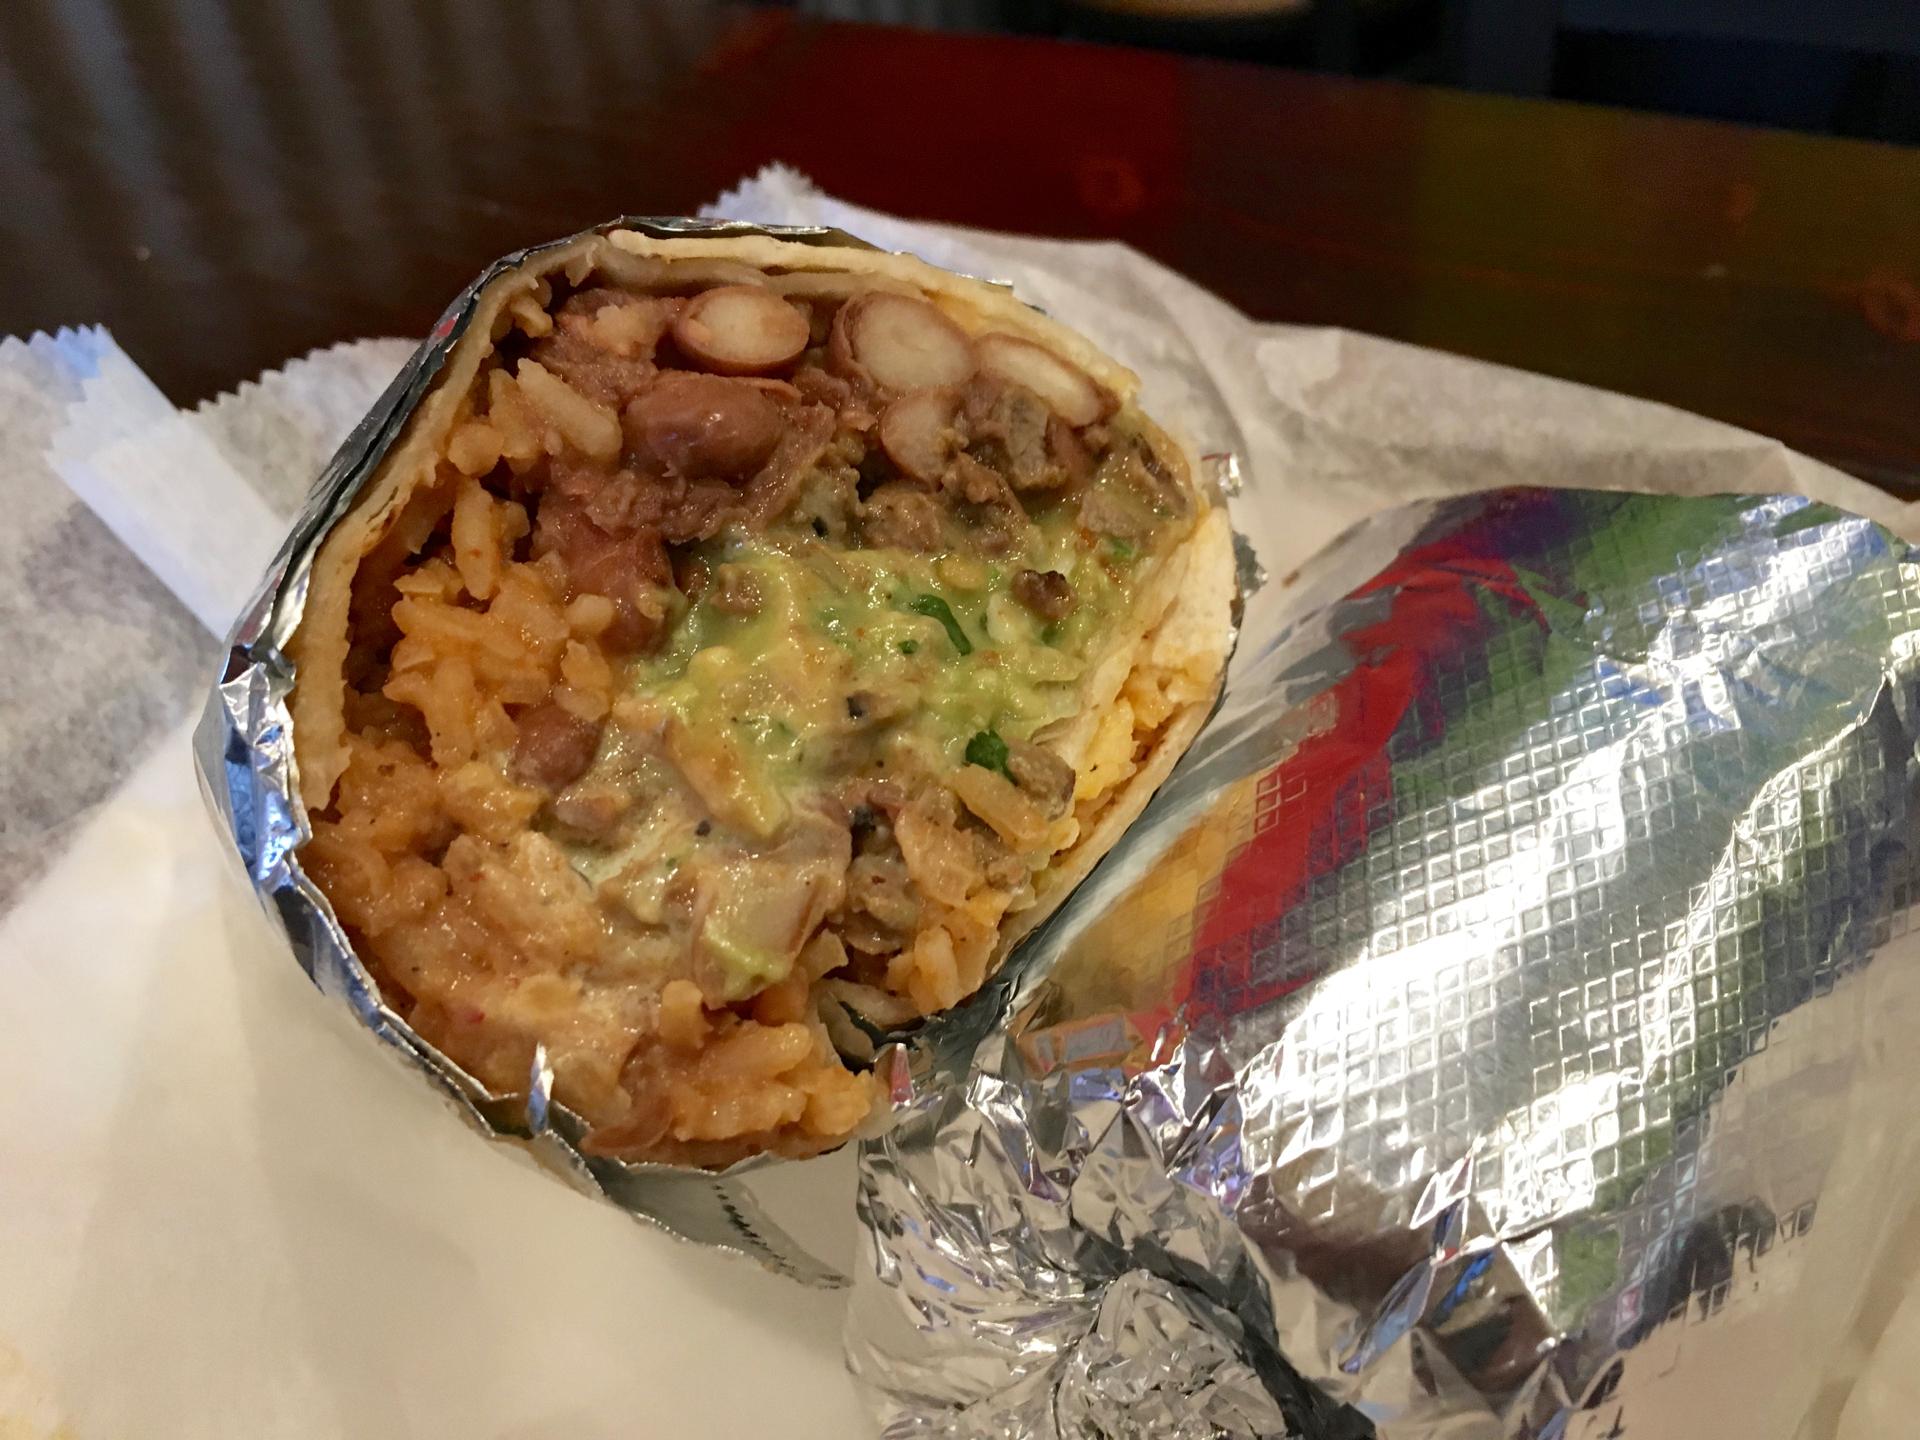 A super burrito with carne asada at Sancho's Taqueria.